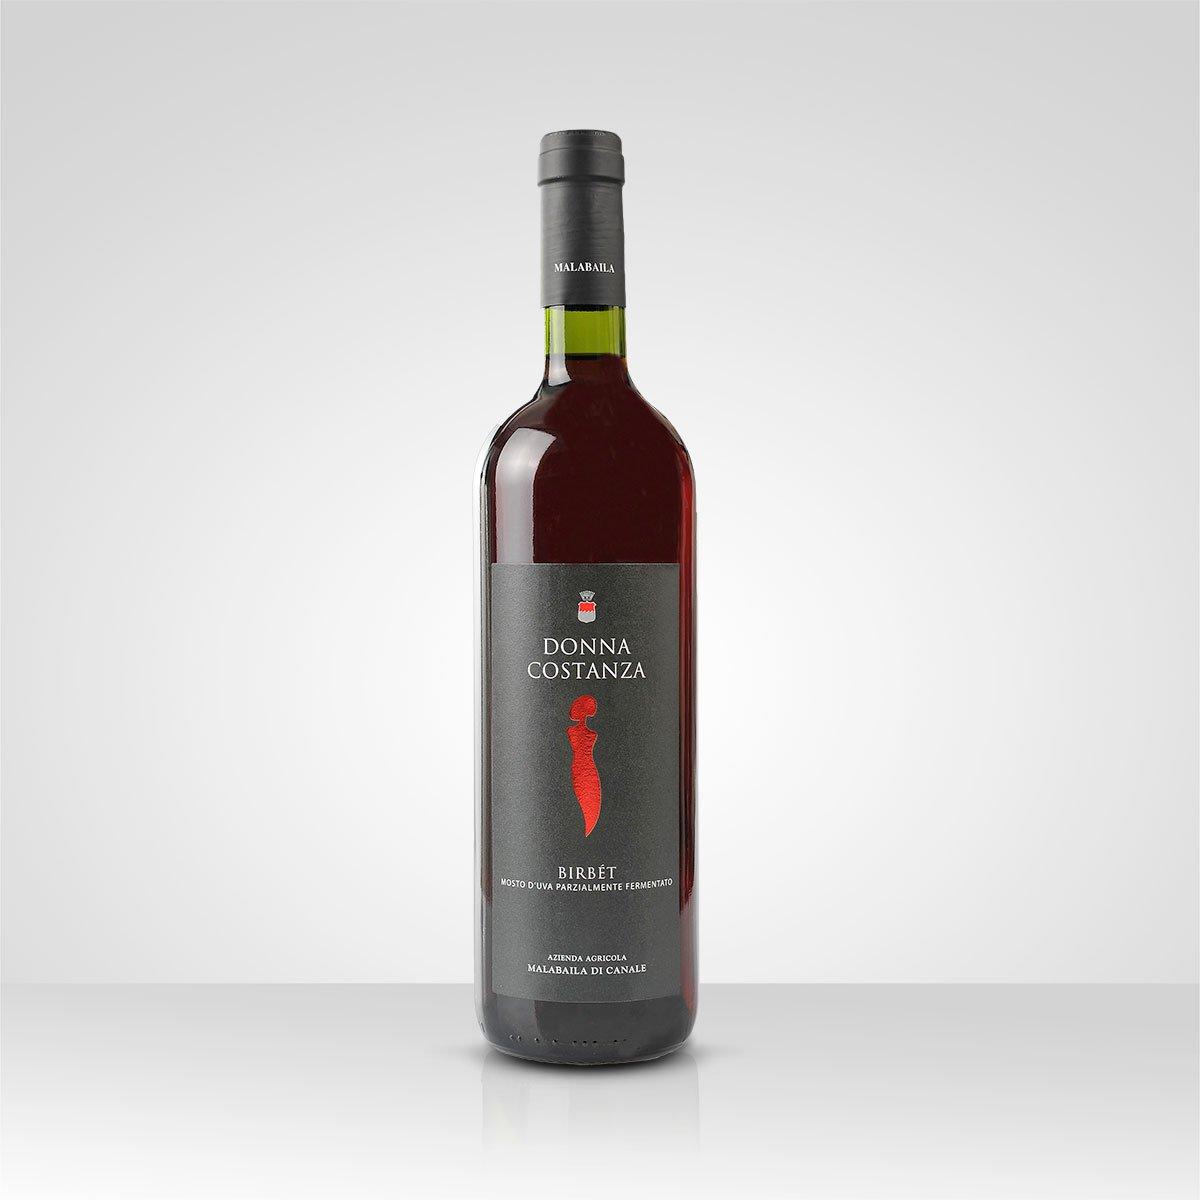 Birbet Donna Costanza, mosto d'uva parzialmente fermentato, azienda agricola Malabaila, Canale